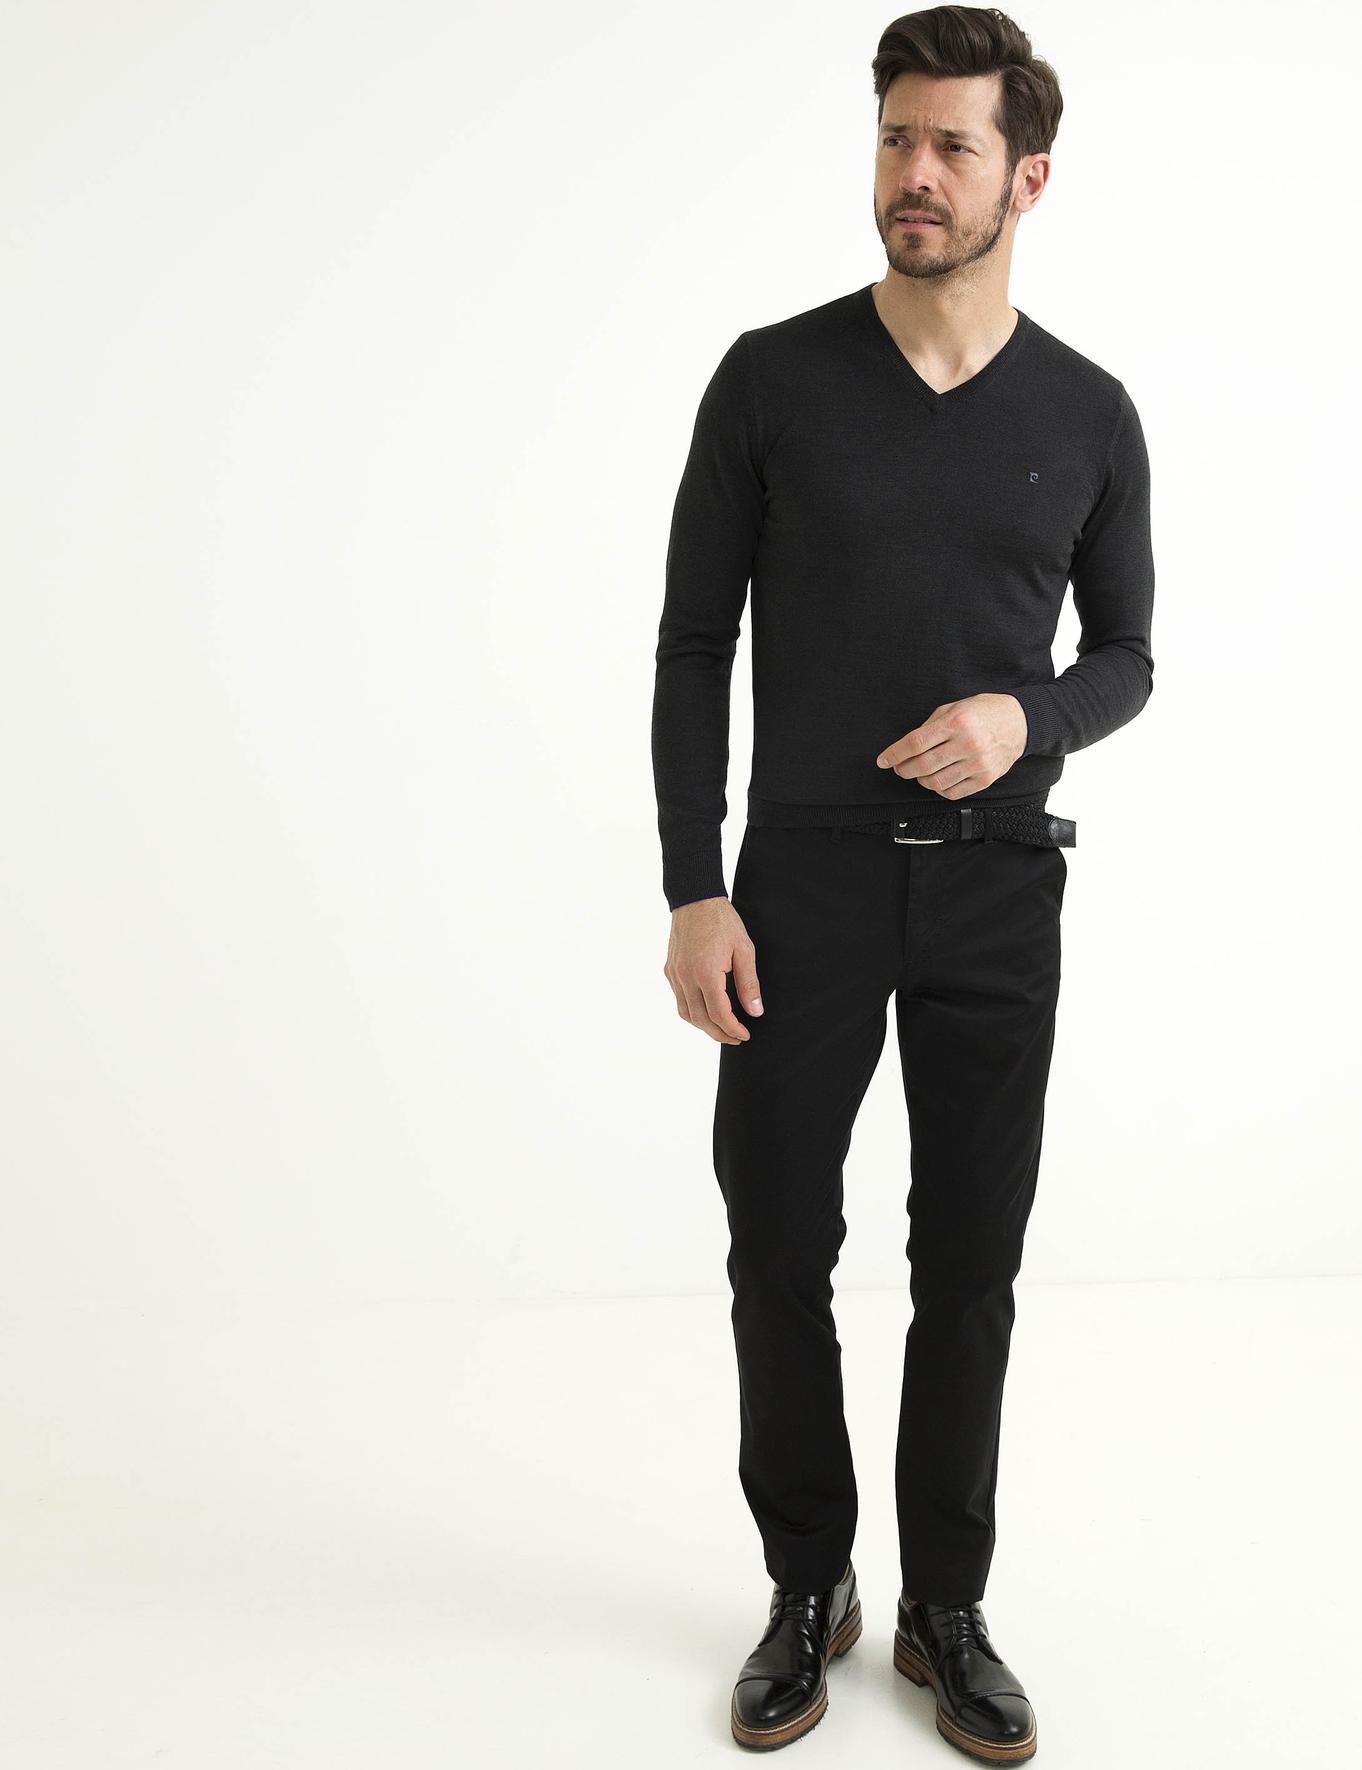 Antrasit Gri Melanj Slim Fit Basic Triko Kazak